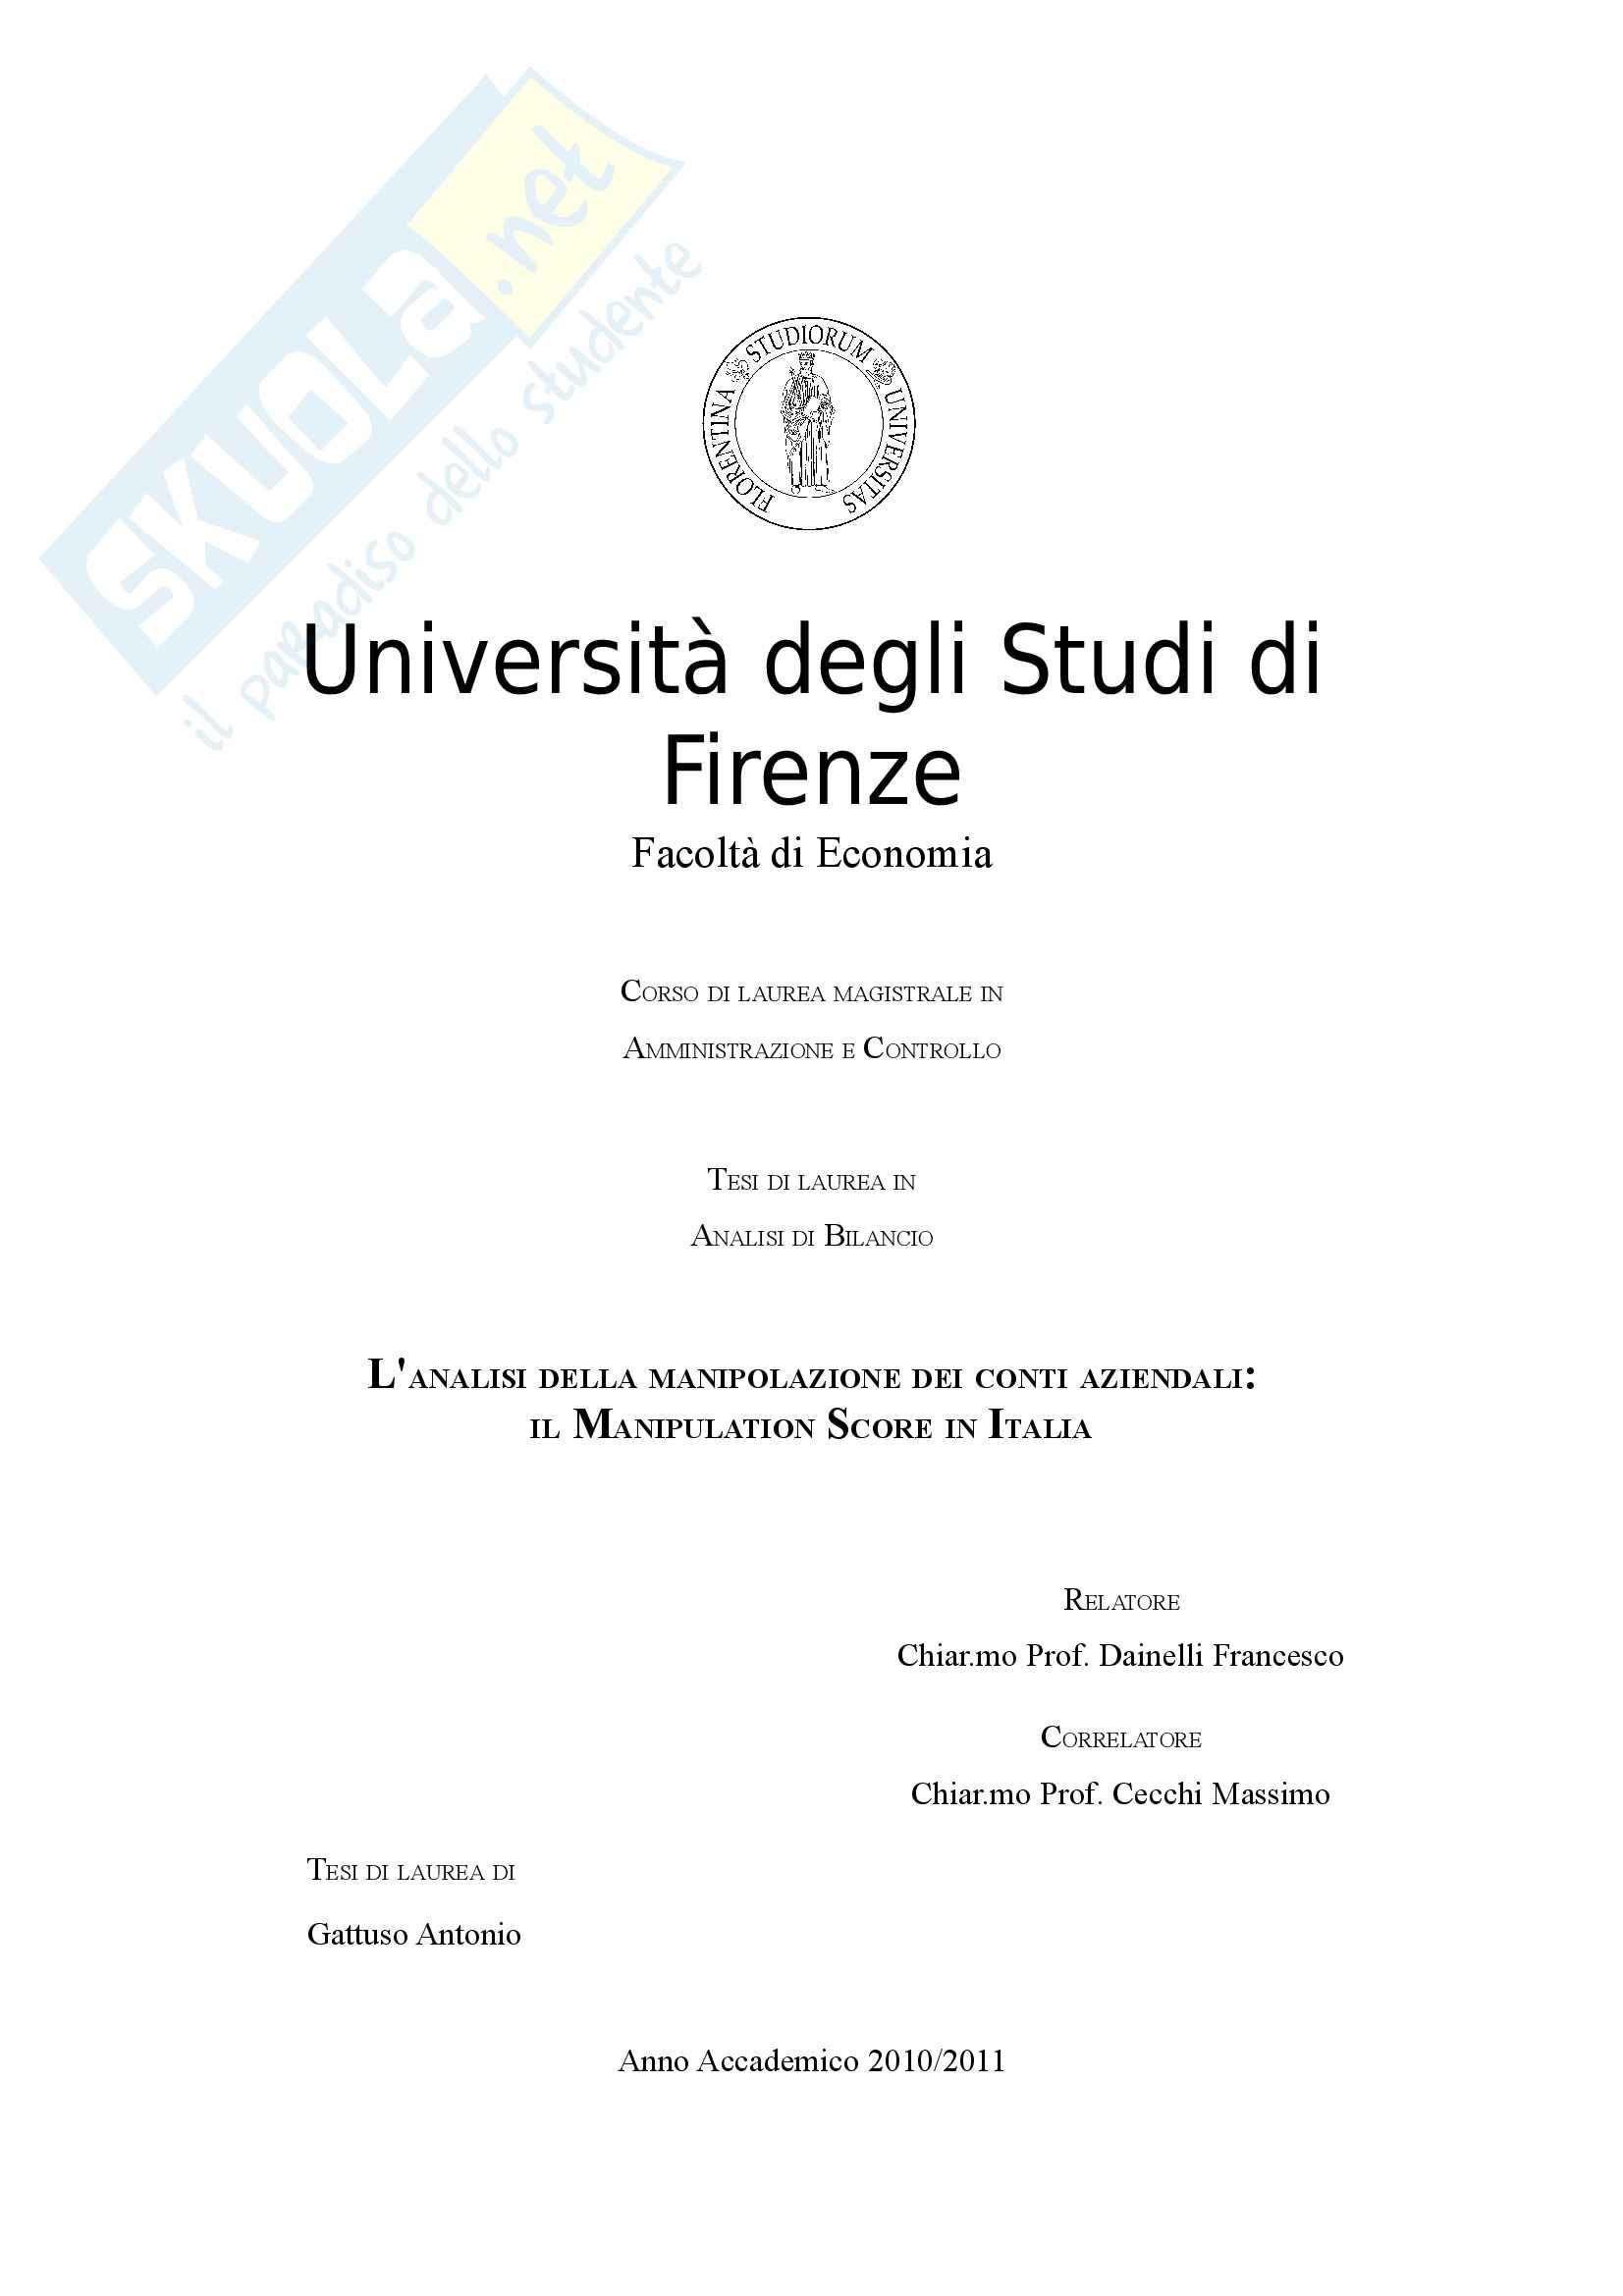 Tesi - L'analisi della manipolazione dei conti aziendali: il Manipulation Score in Italia